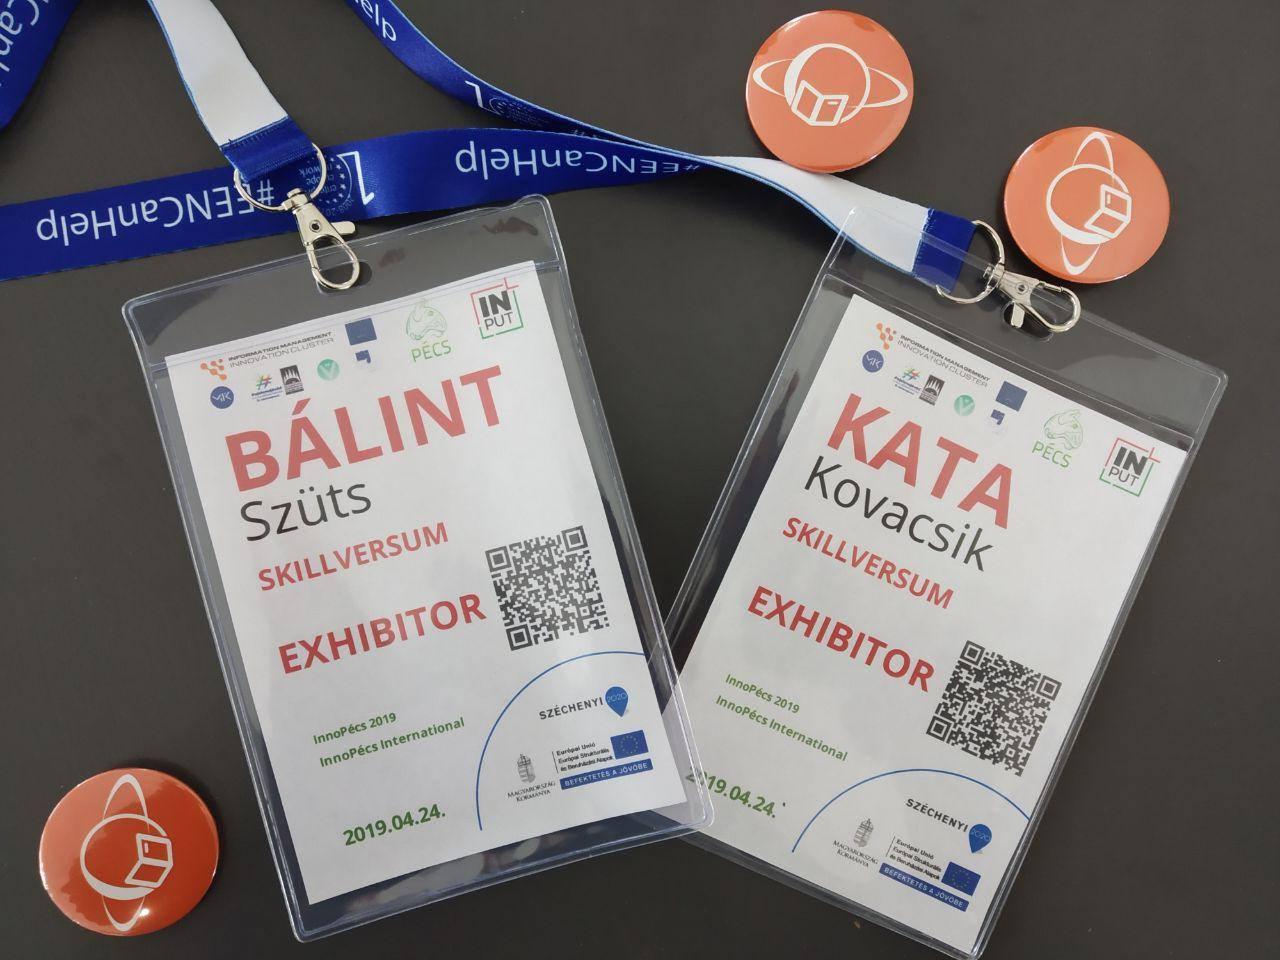 InnoPécs 2019 - SkillVersum szemmel